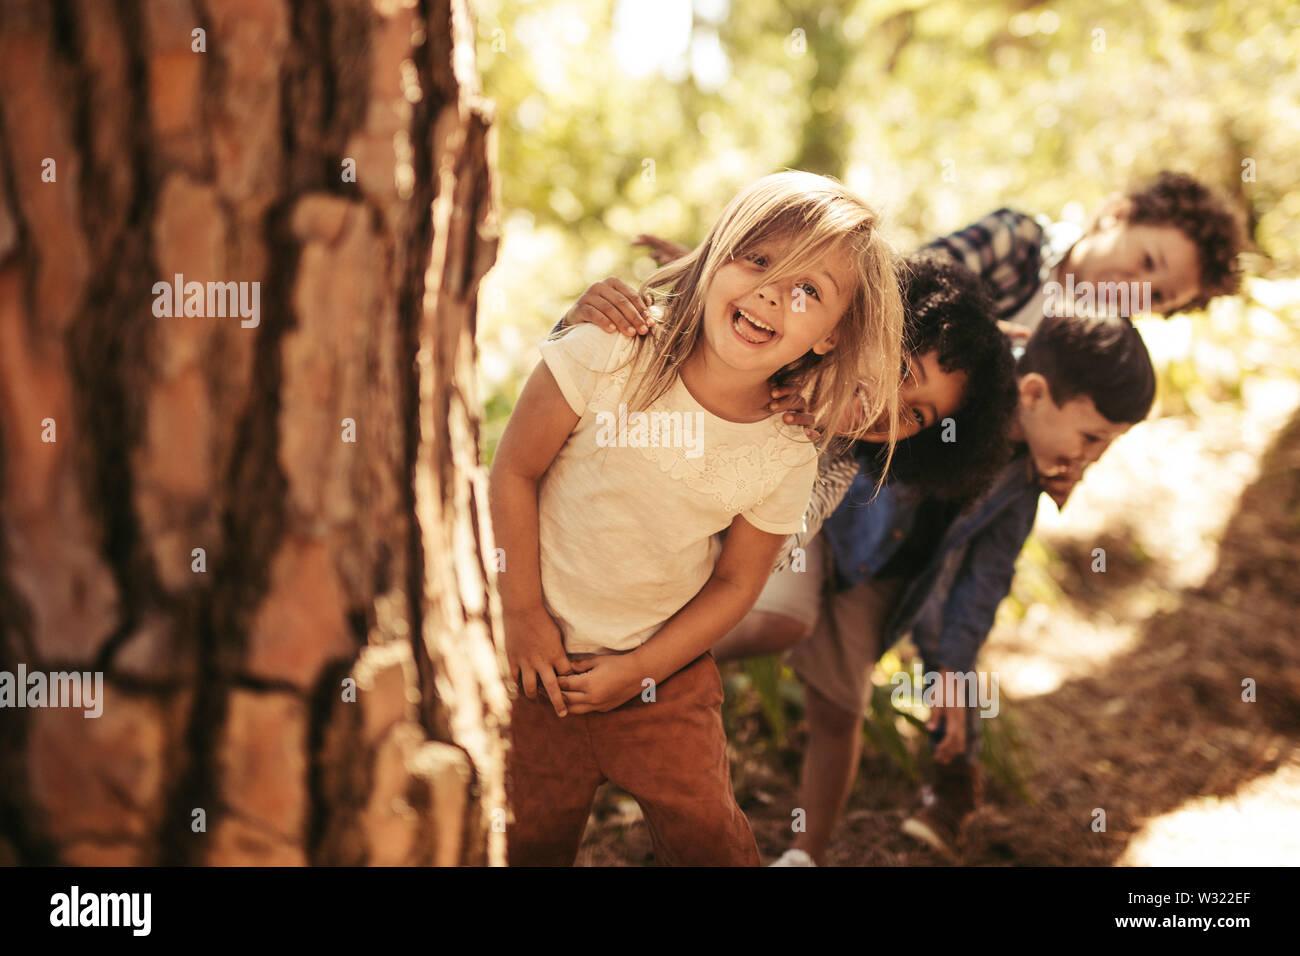 Grupo de chicos de pie en fila detrás de un árbol y mirar afuera. Niños jugando al escondite en un parque. Foto de stock